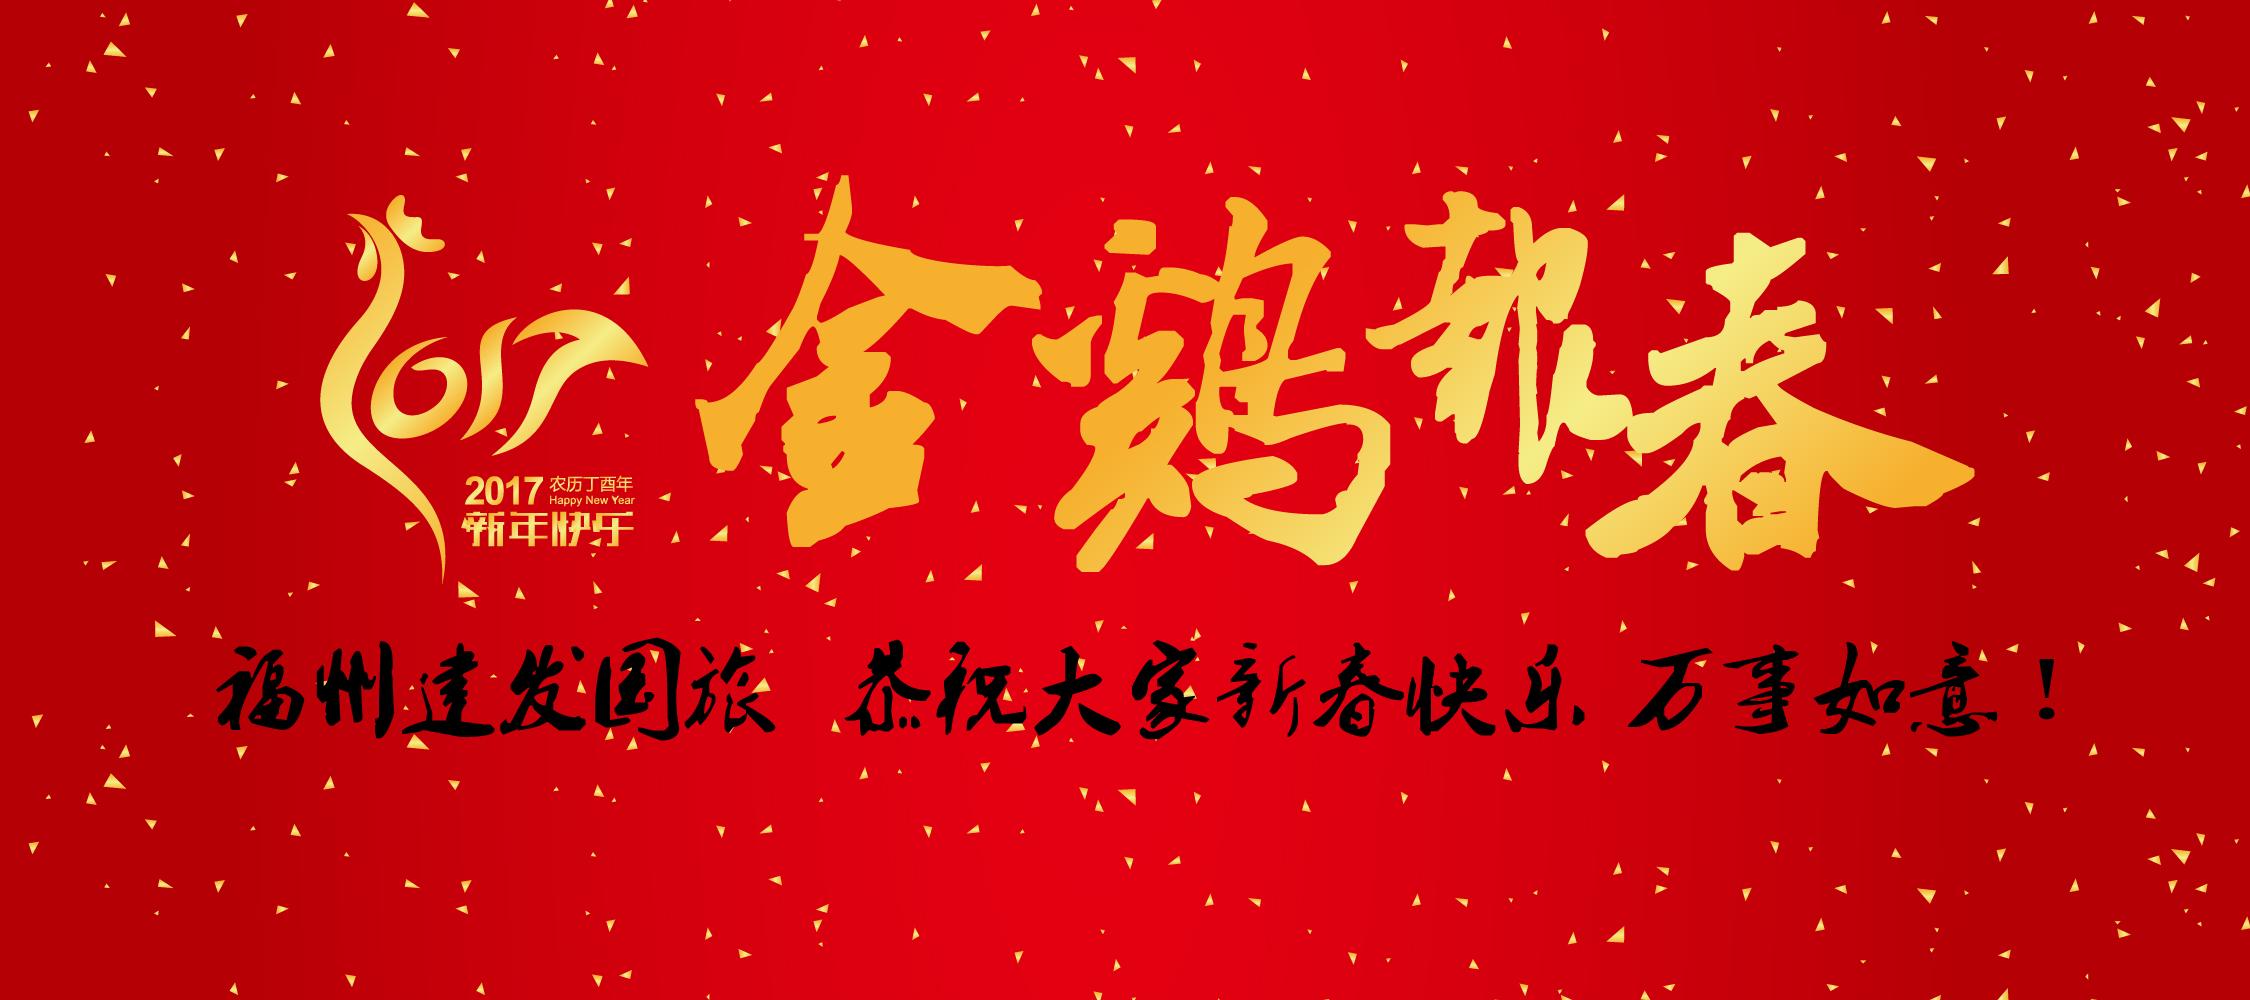 福州建发国旅恭祝大家新年快乐!